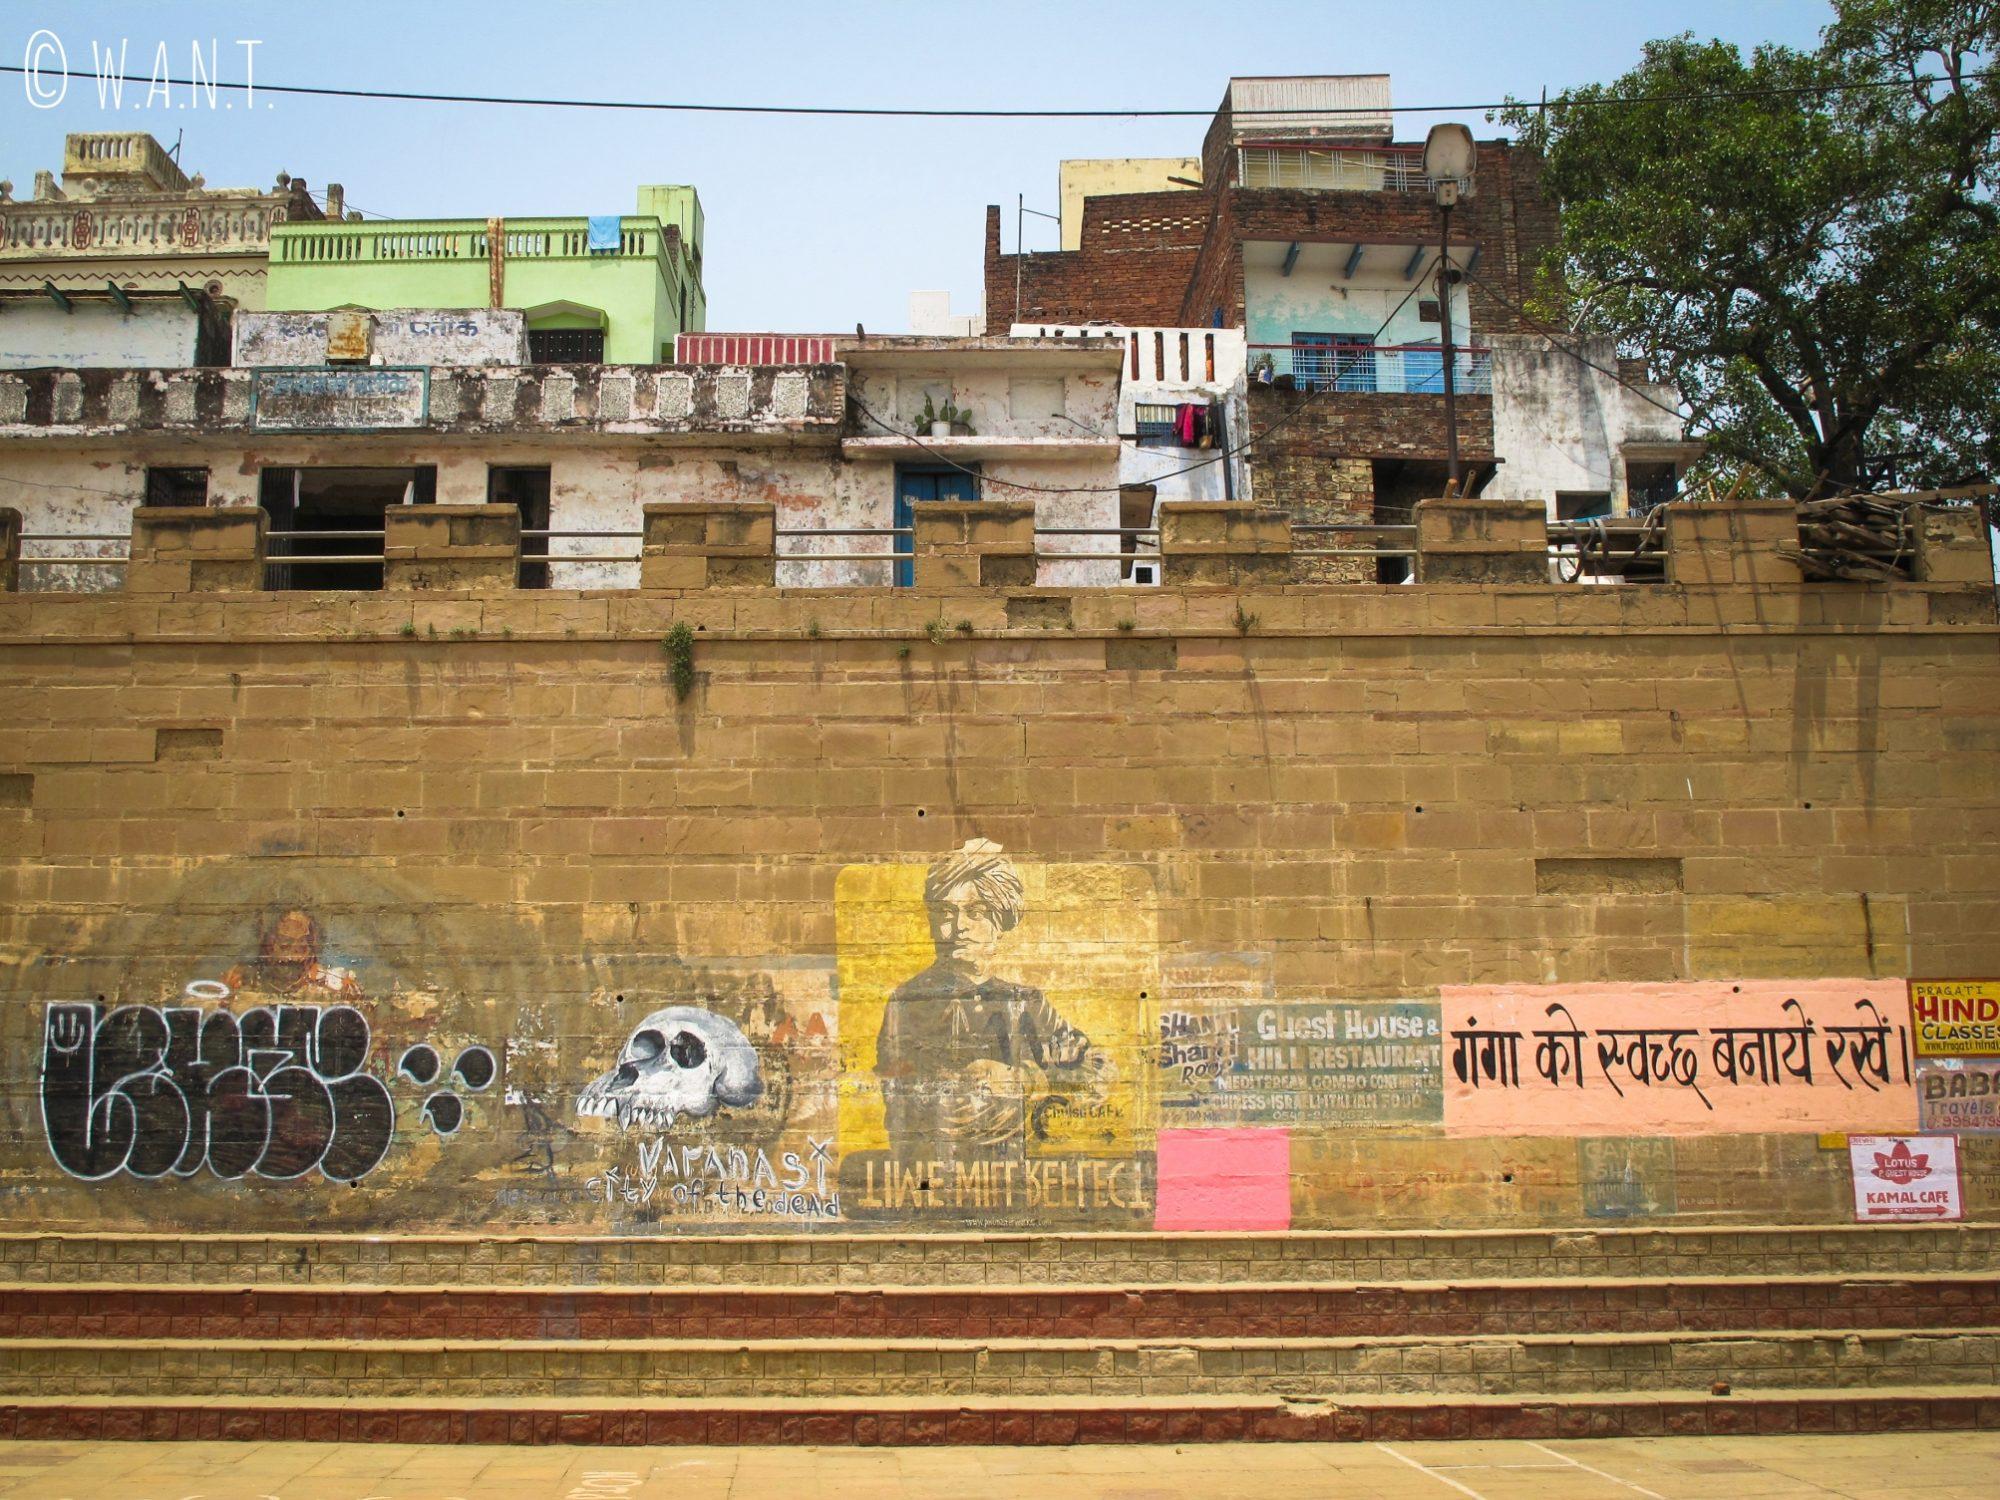 L'art de rue est très présent sur les façades des ghats de Varanasi, notamment au Kedar ghat